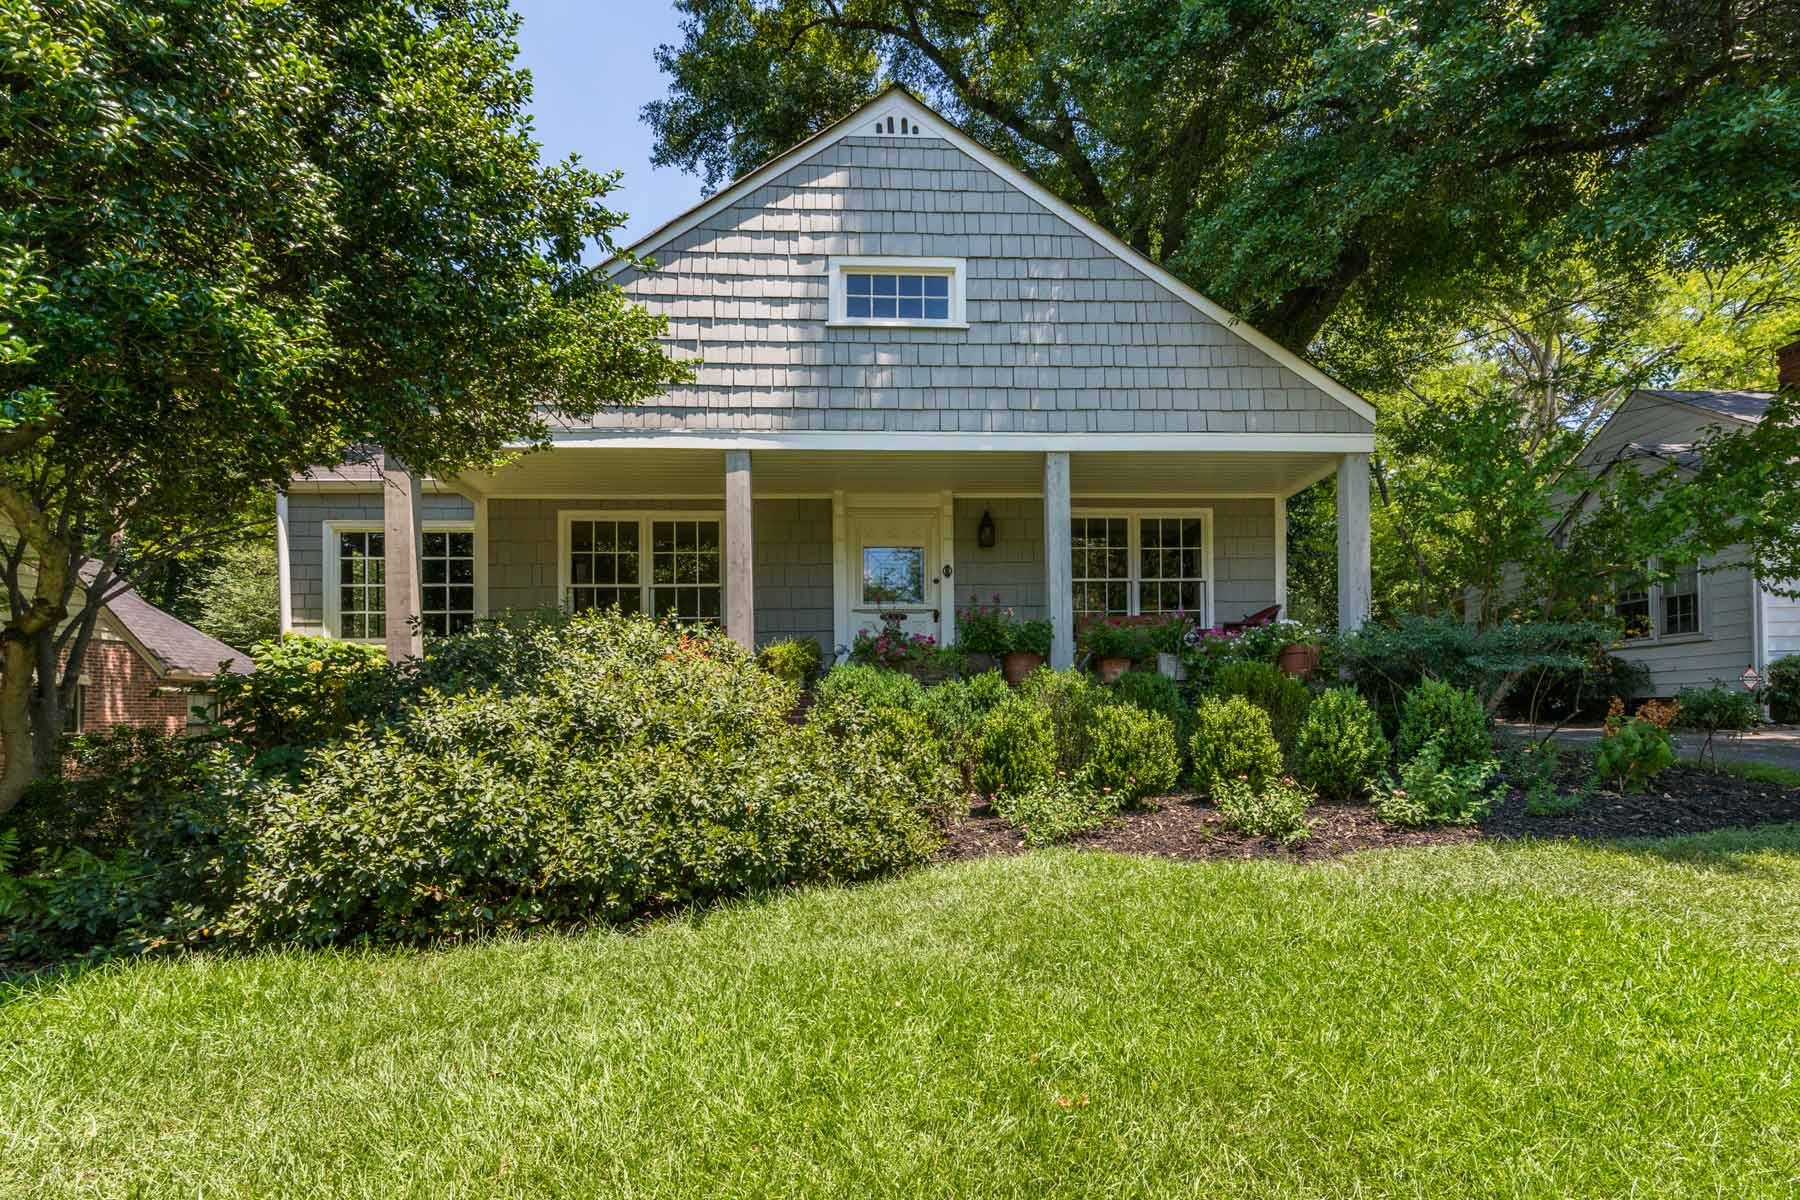 Casa Unifamiliar por un Venta en A Historic Brookwood Bungalow 19 Alden Avenue NW Brookwood, Atlanta, Georgia, 30309 Estados Unidos